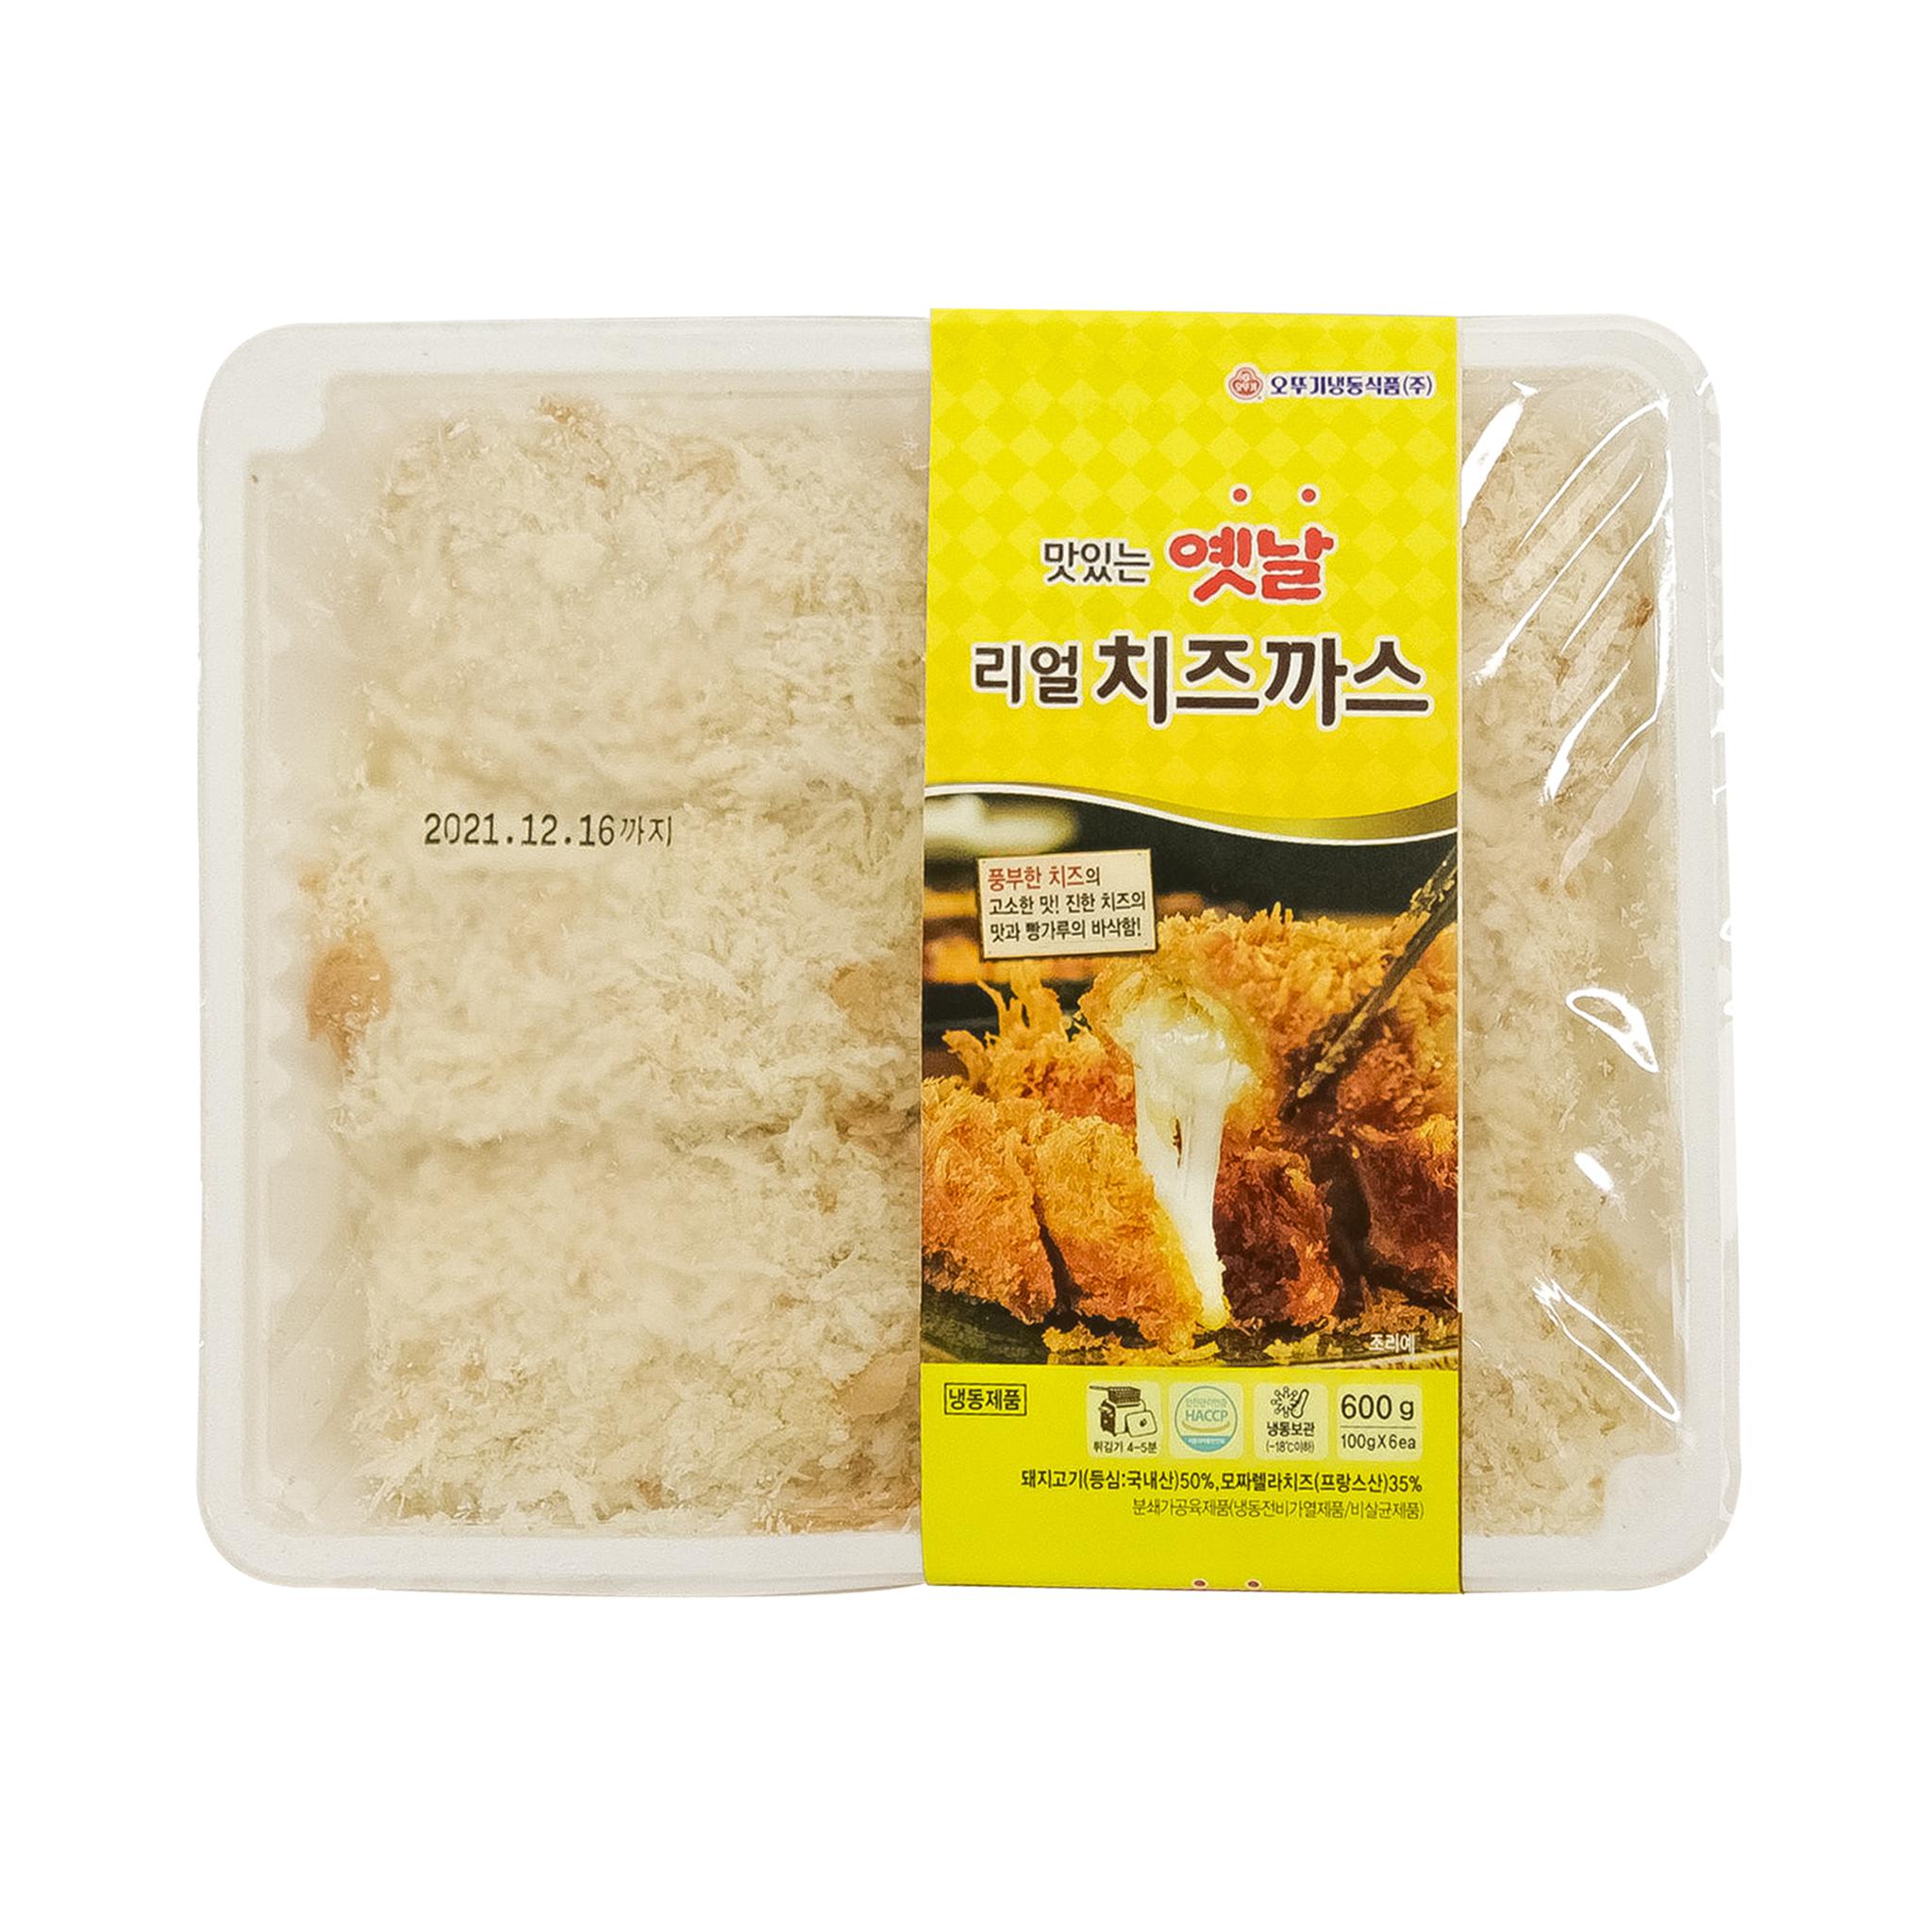 [오뚜기냉동] 맛있는 옛날 리얼치즈까스